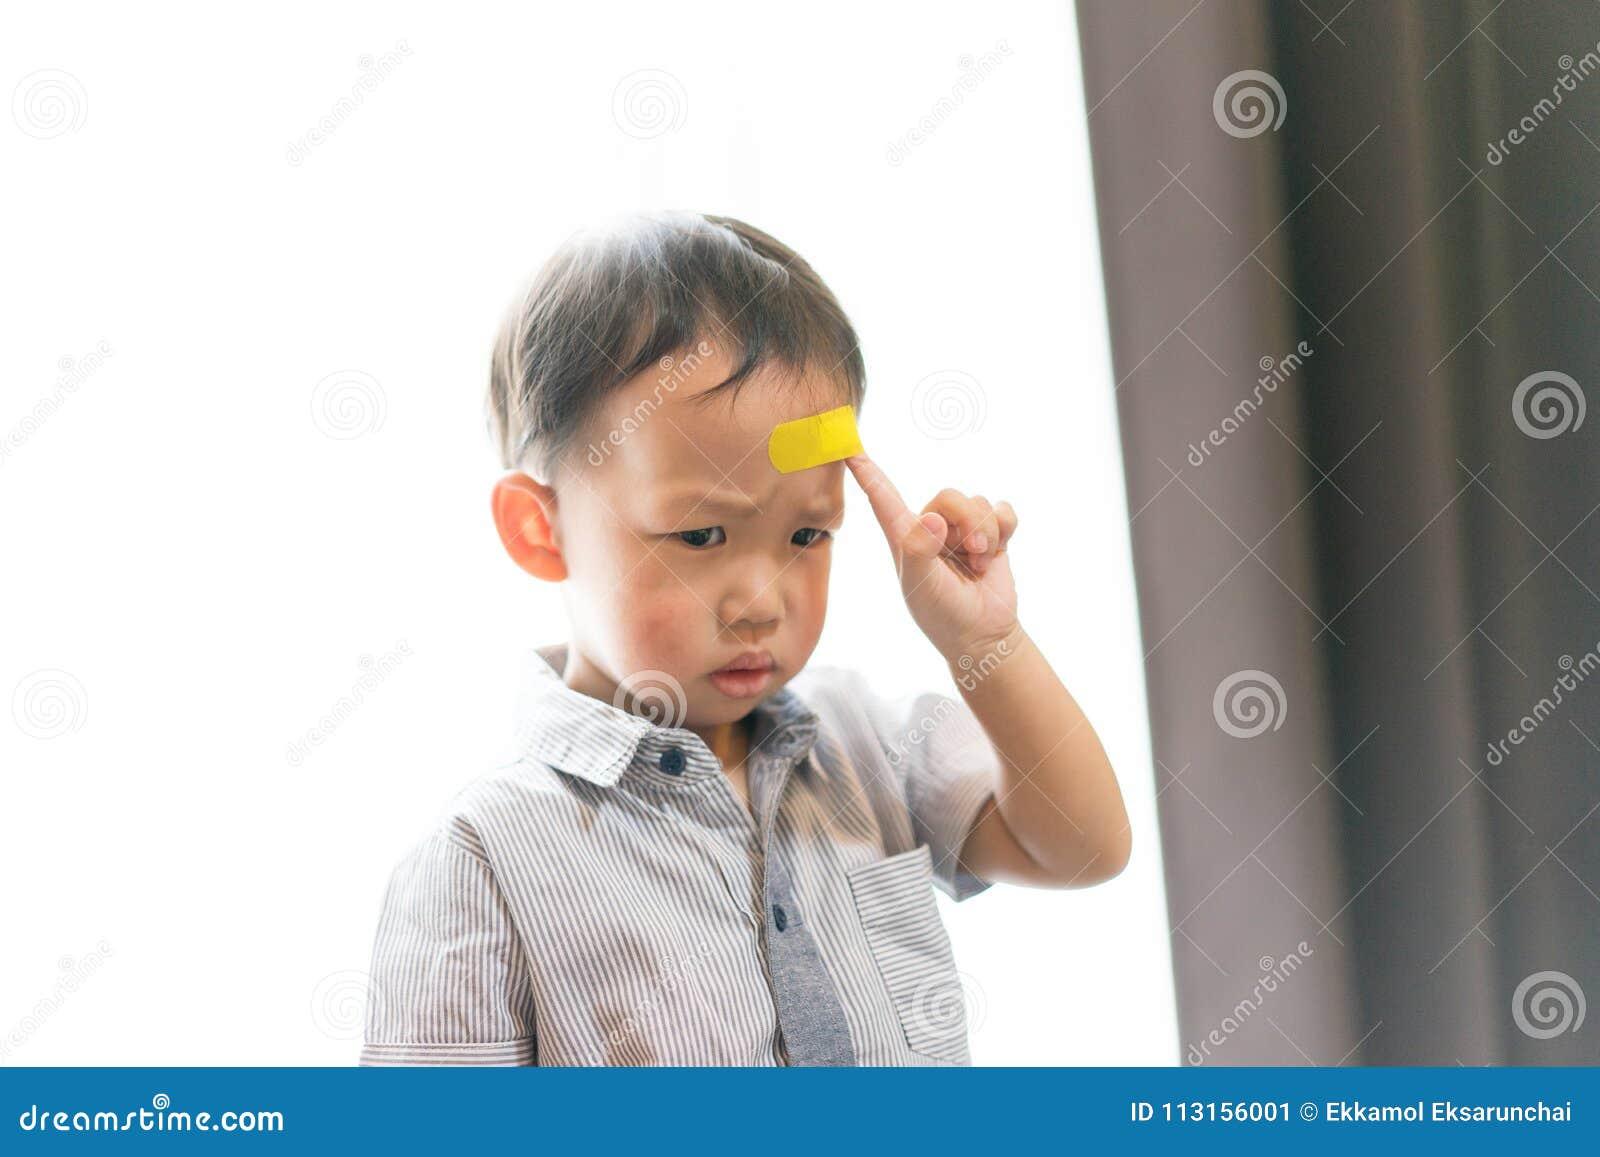 Kinder haben Geschwüre auf dem Kopf